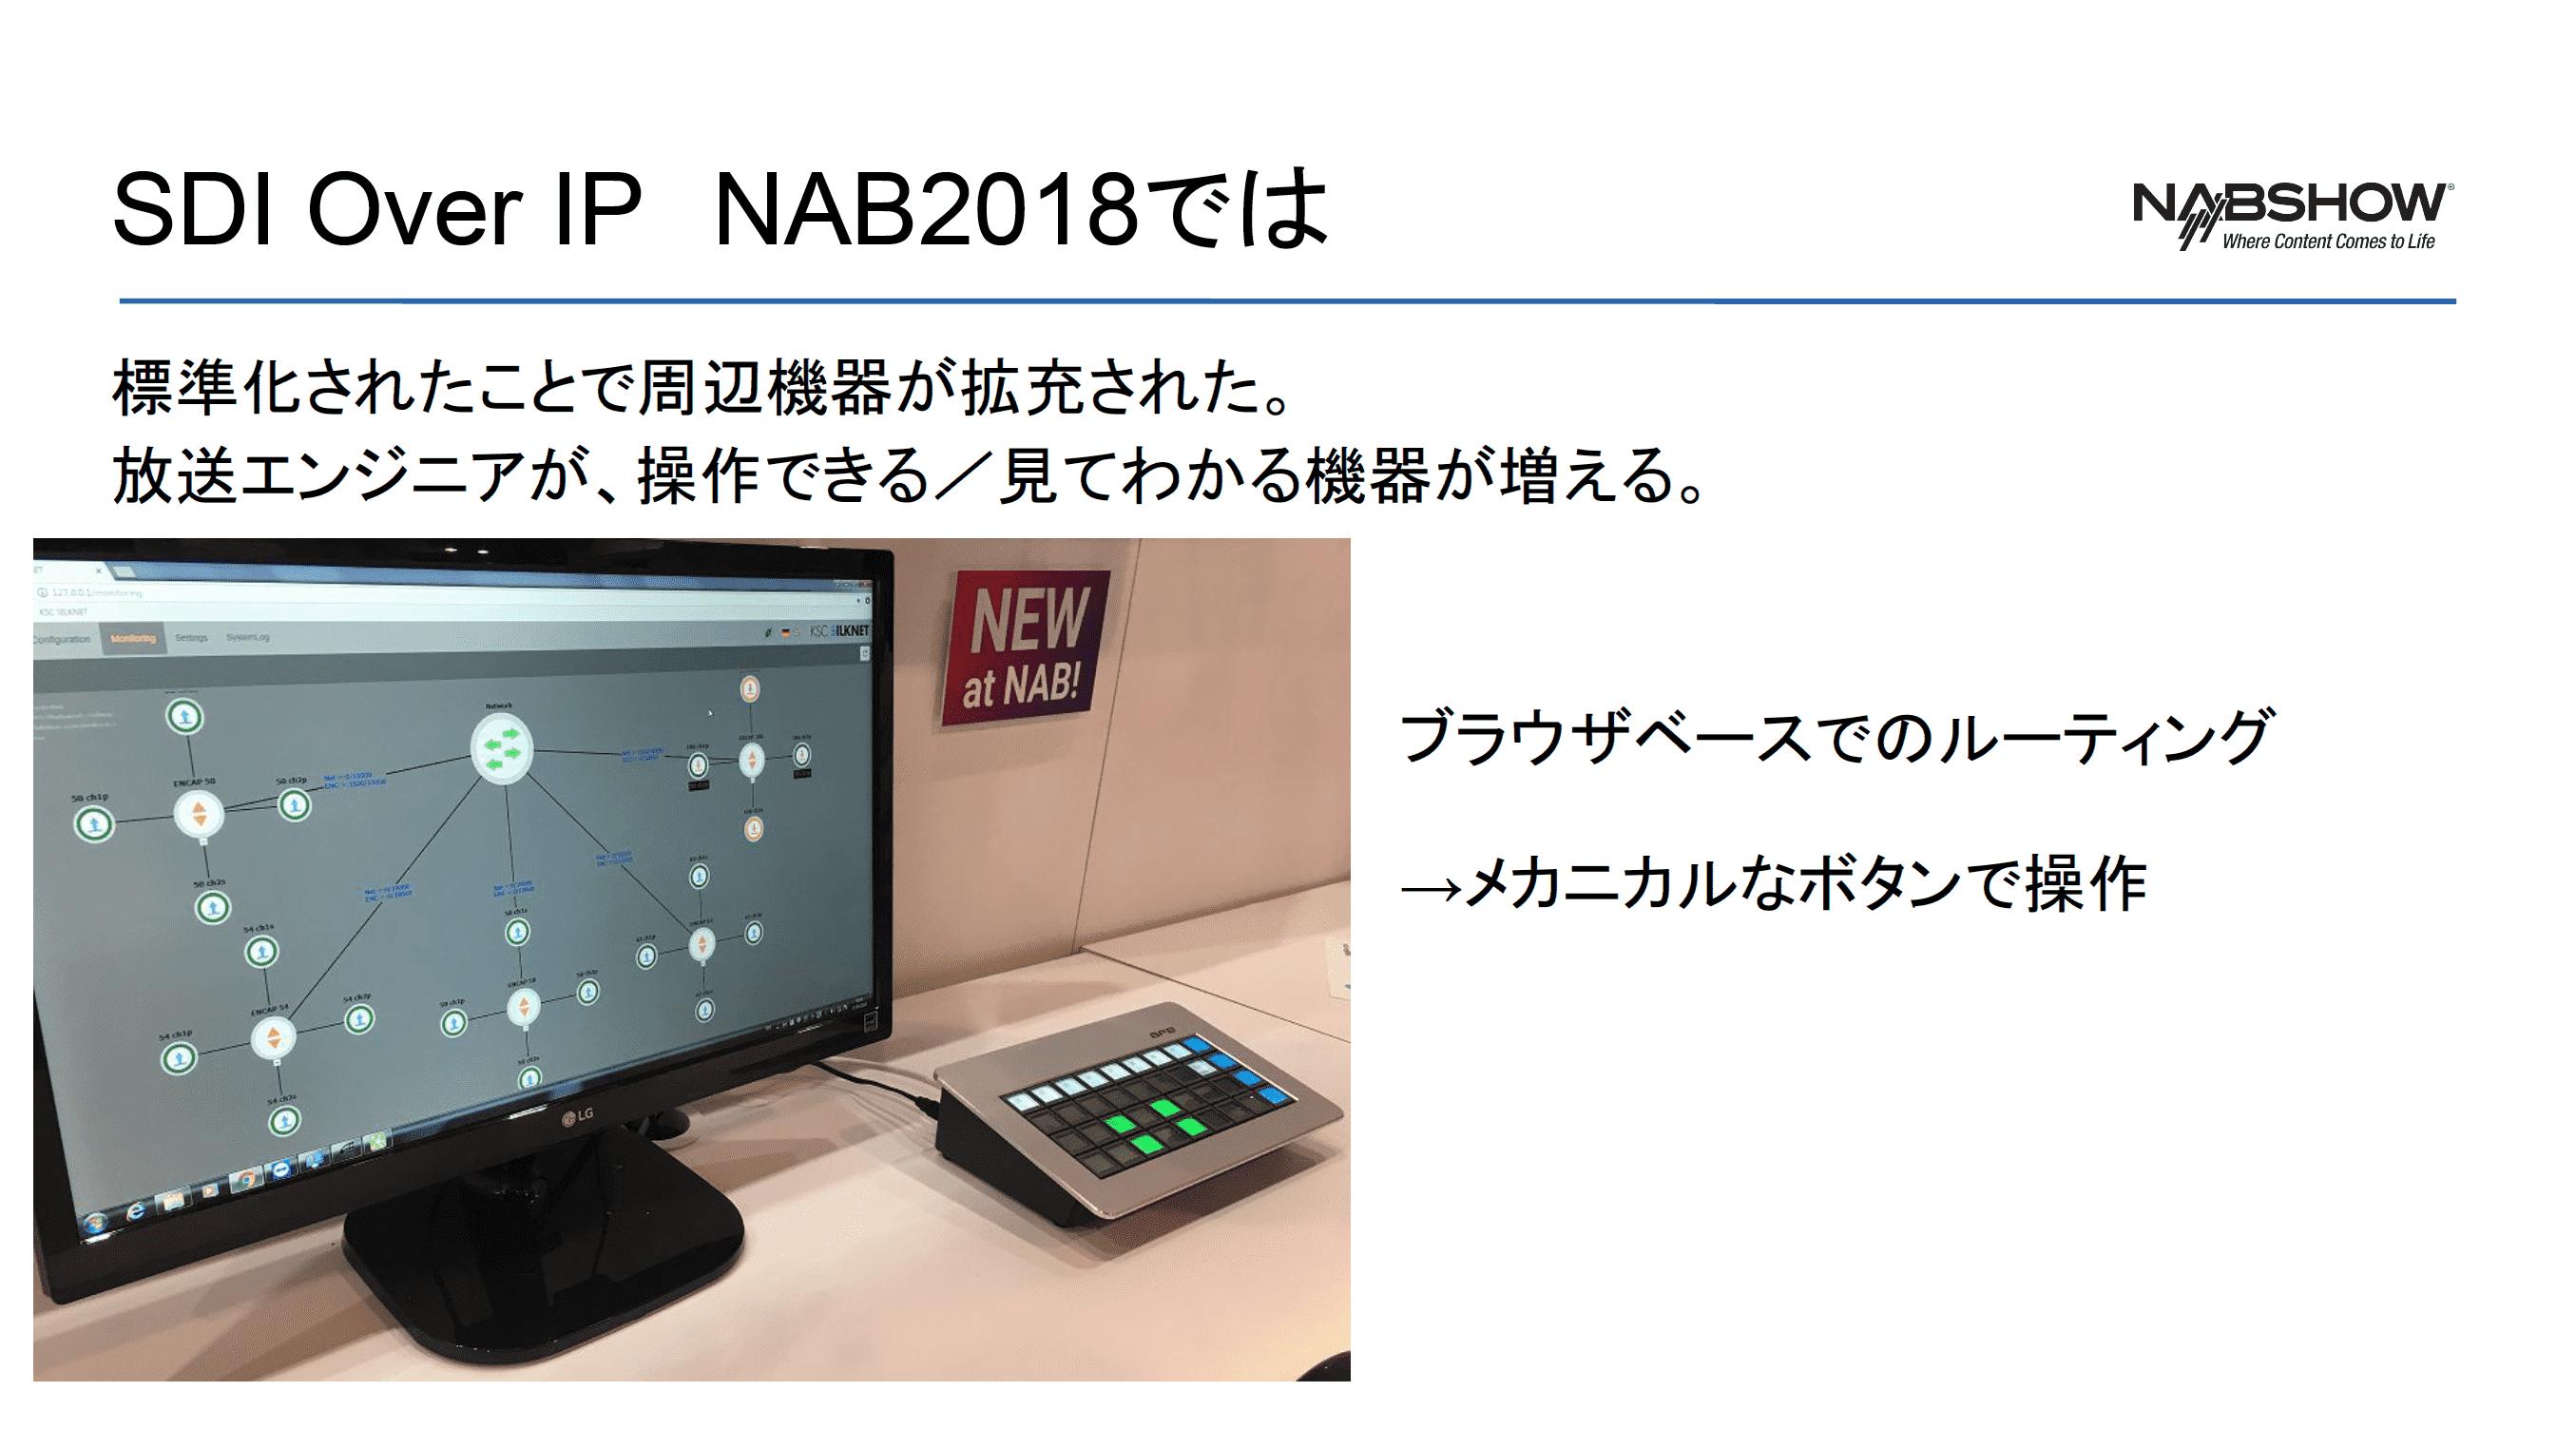 放送エンジニア・フレンドリーに UI に物理ボタンを使った SDI over IP 対応機器を紹介したスライド